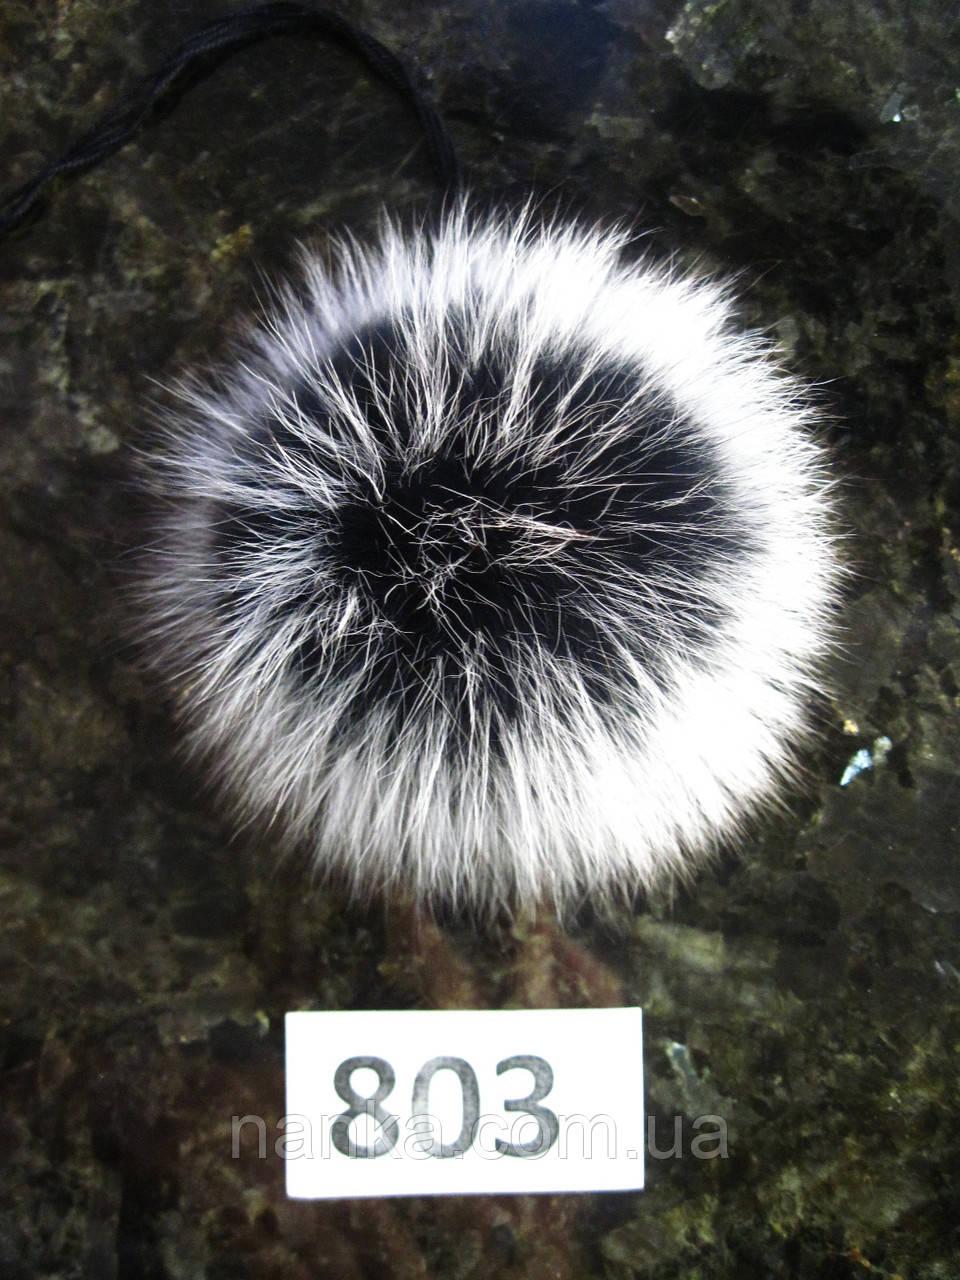 Меховой помпон Песец, Заснеженный,  Черный с б/к , 8/11 см, 803